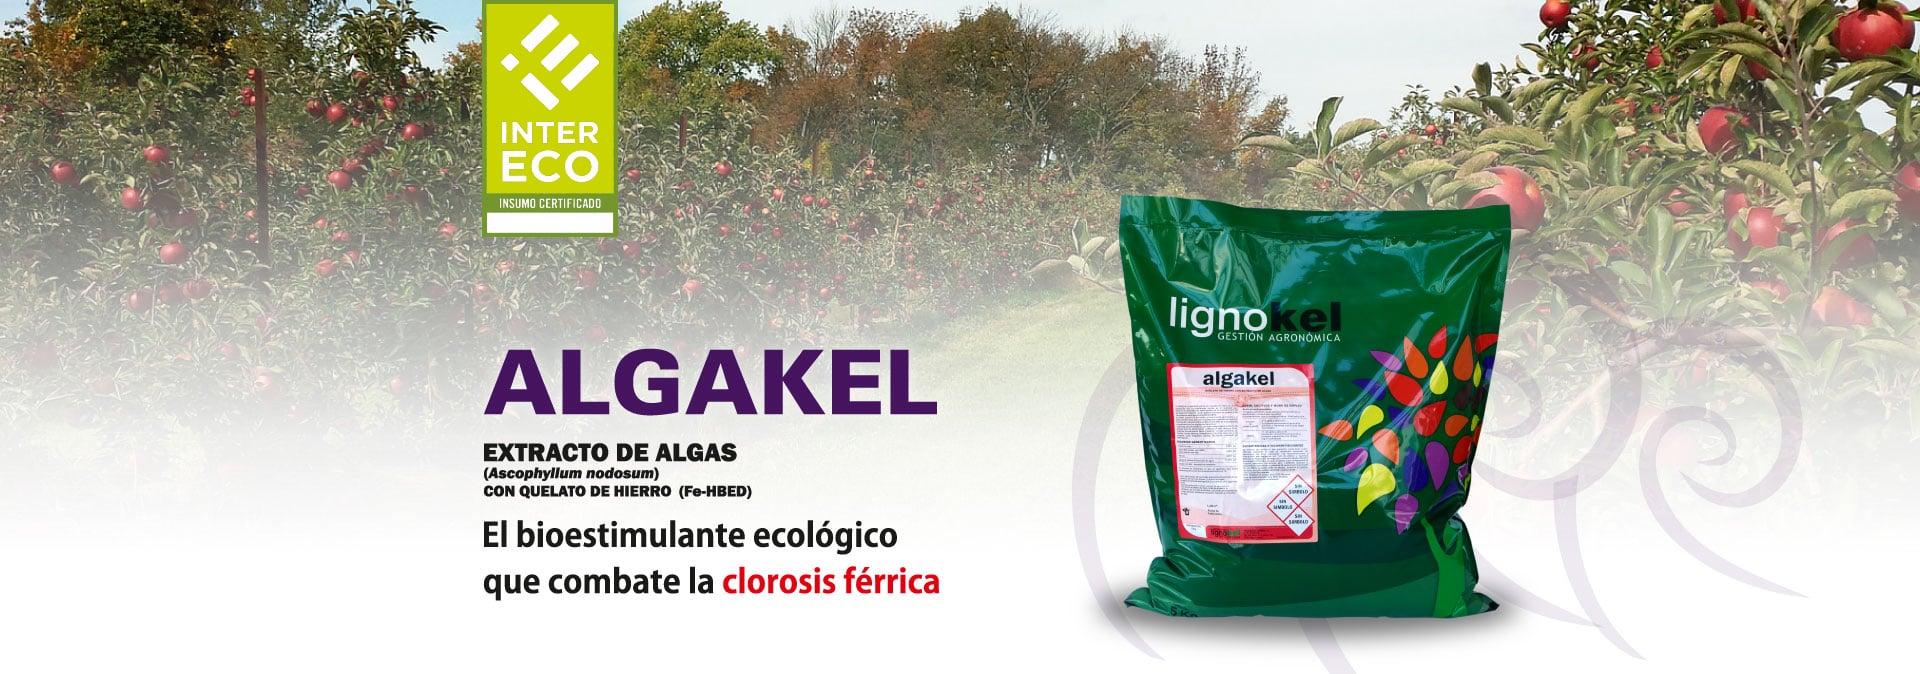 slide algakel